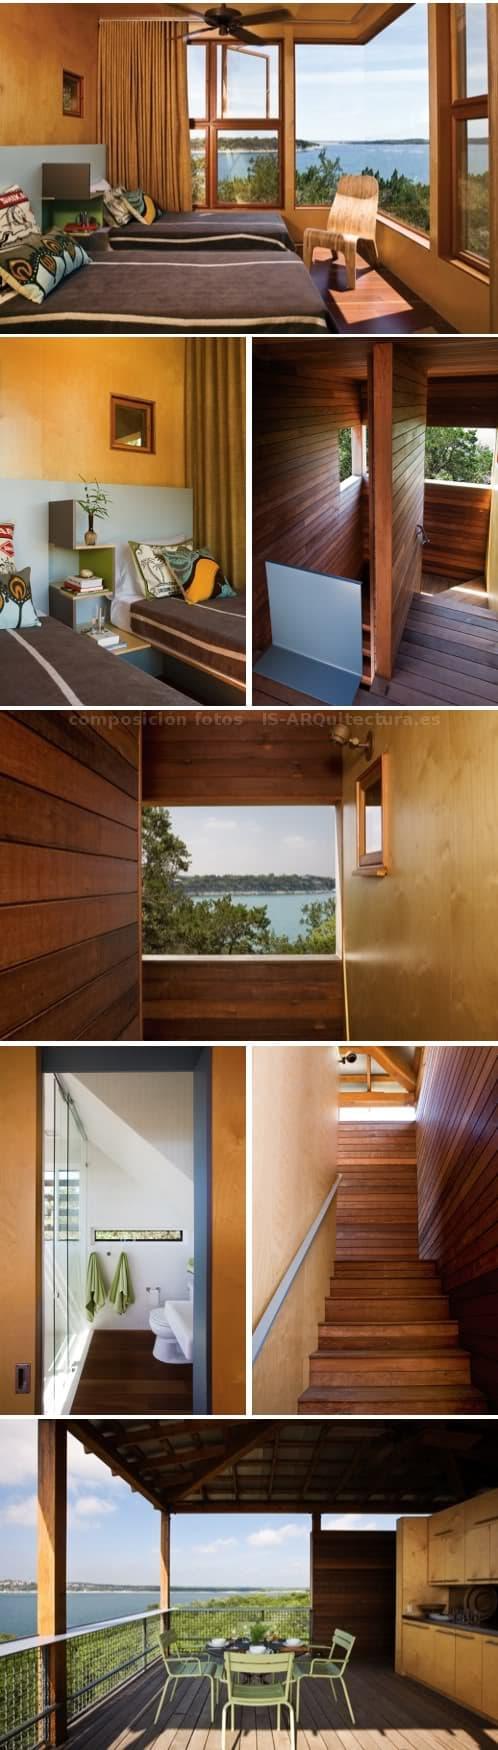 casa-torre-lago-travis-fotos del interior